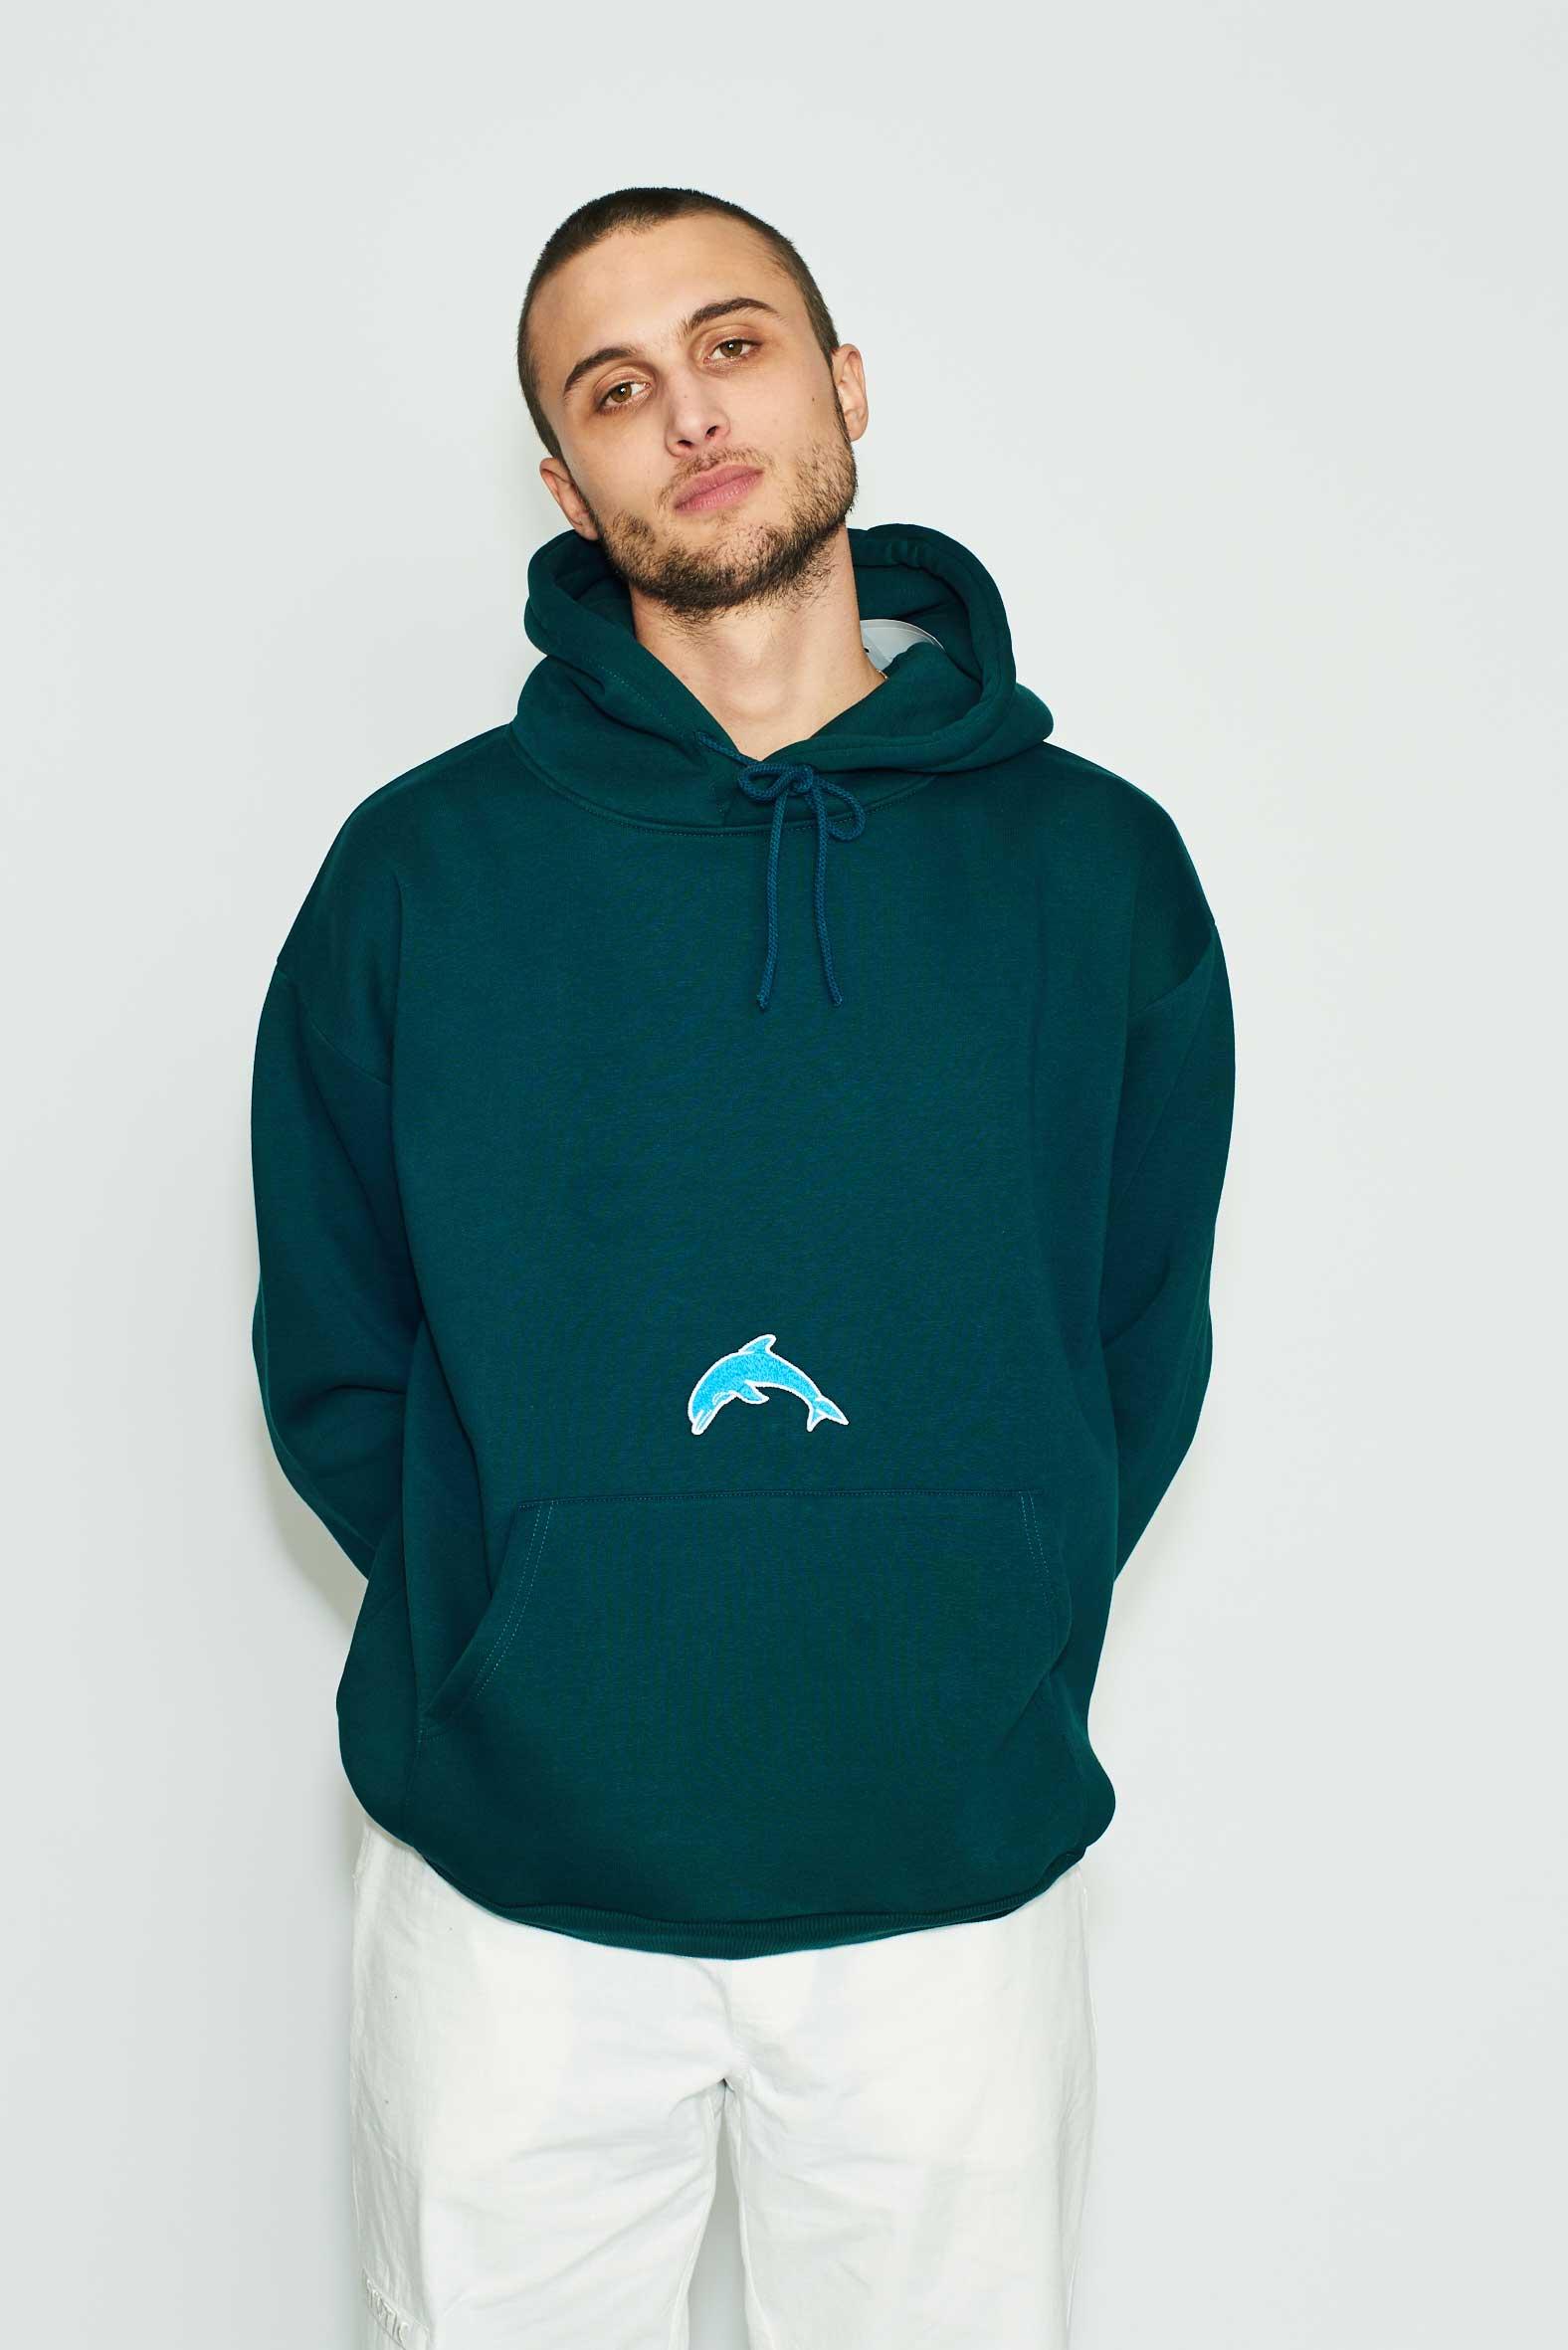 Herotic - Dolphin Hoodie - Dark Green